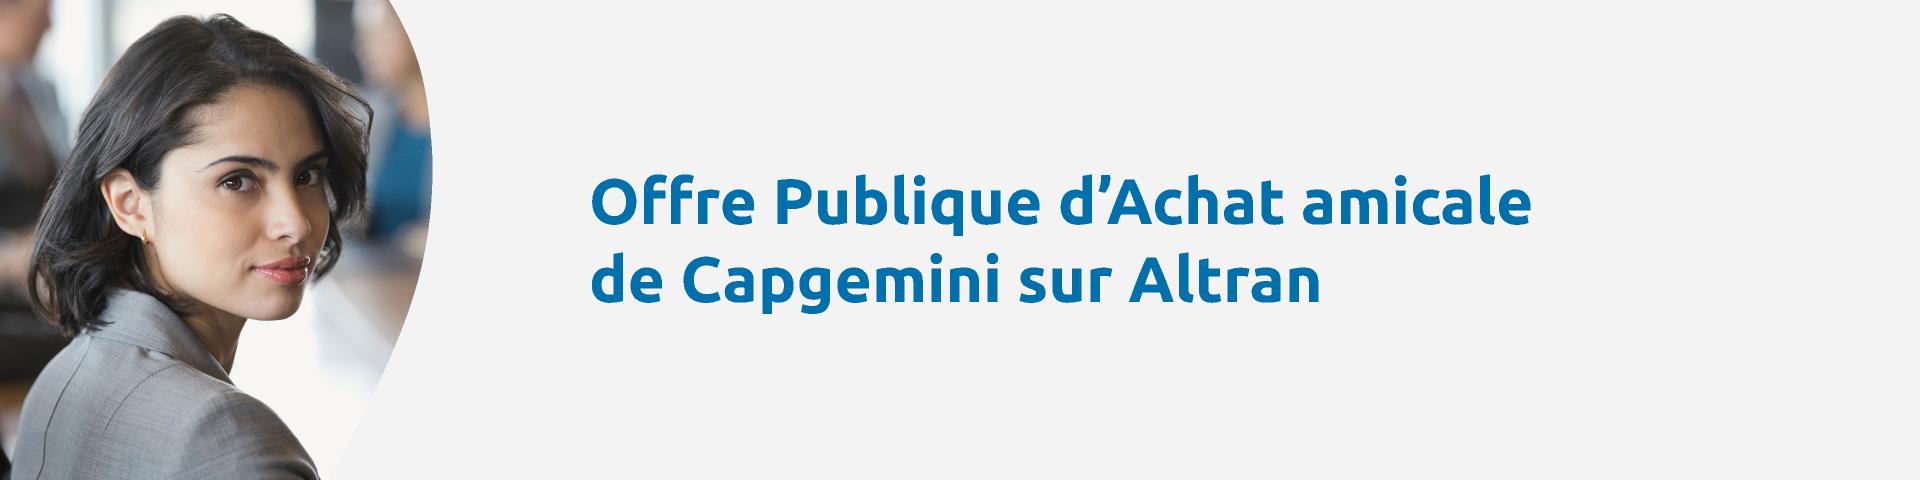 Offre Publique d'Achat amicale de Capgemini sur Altran